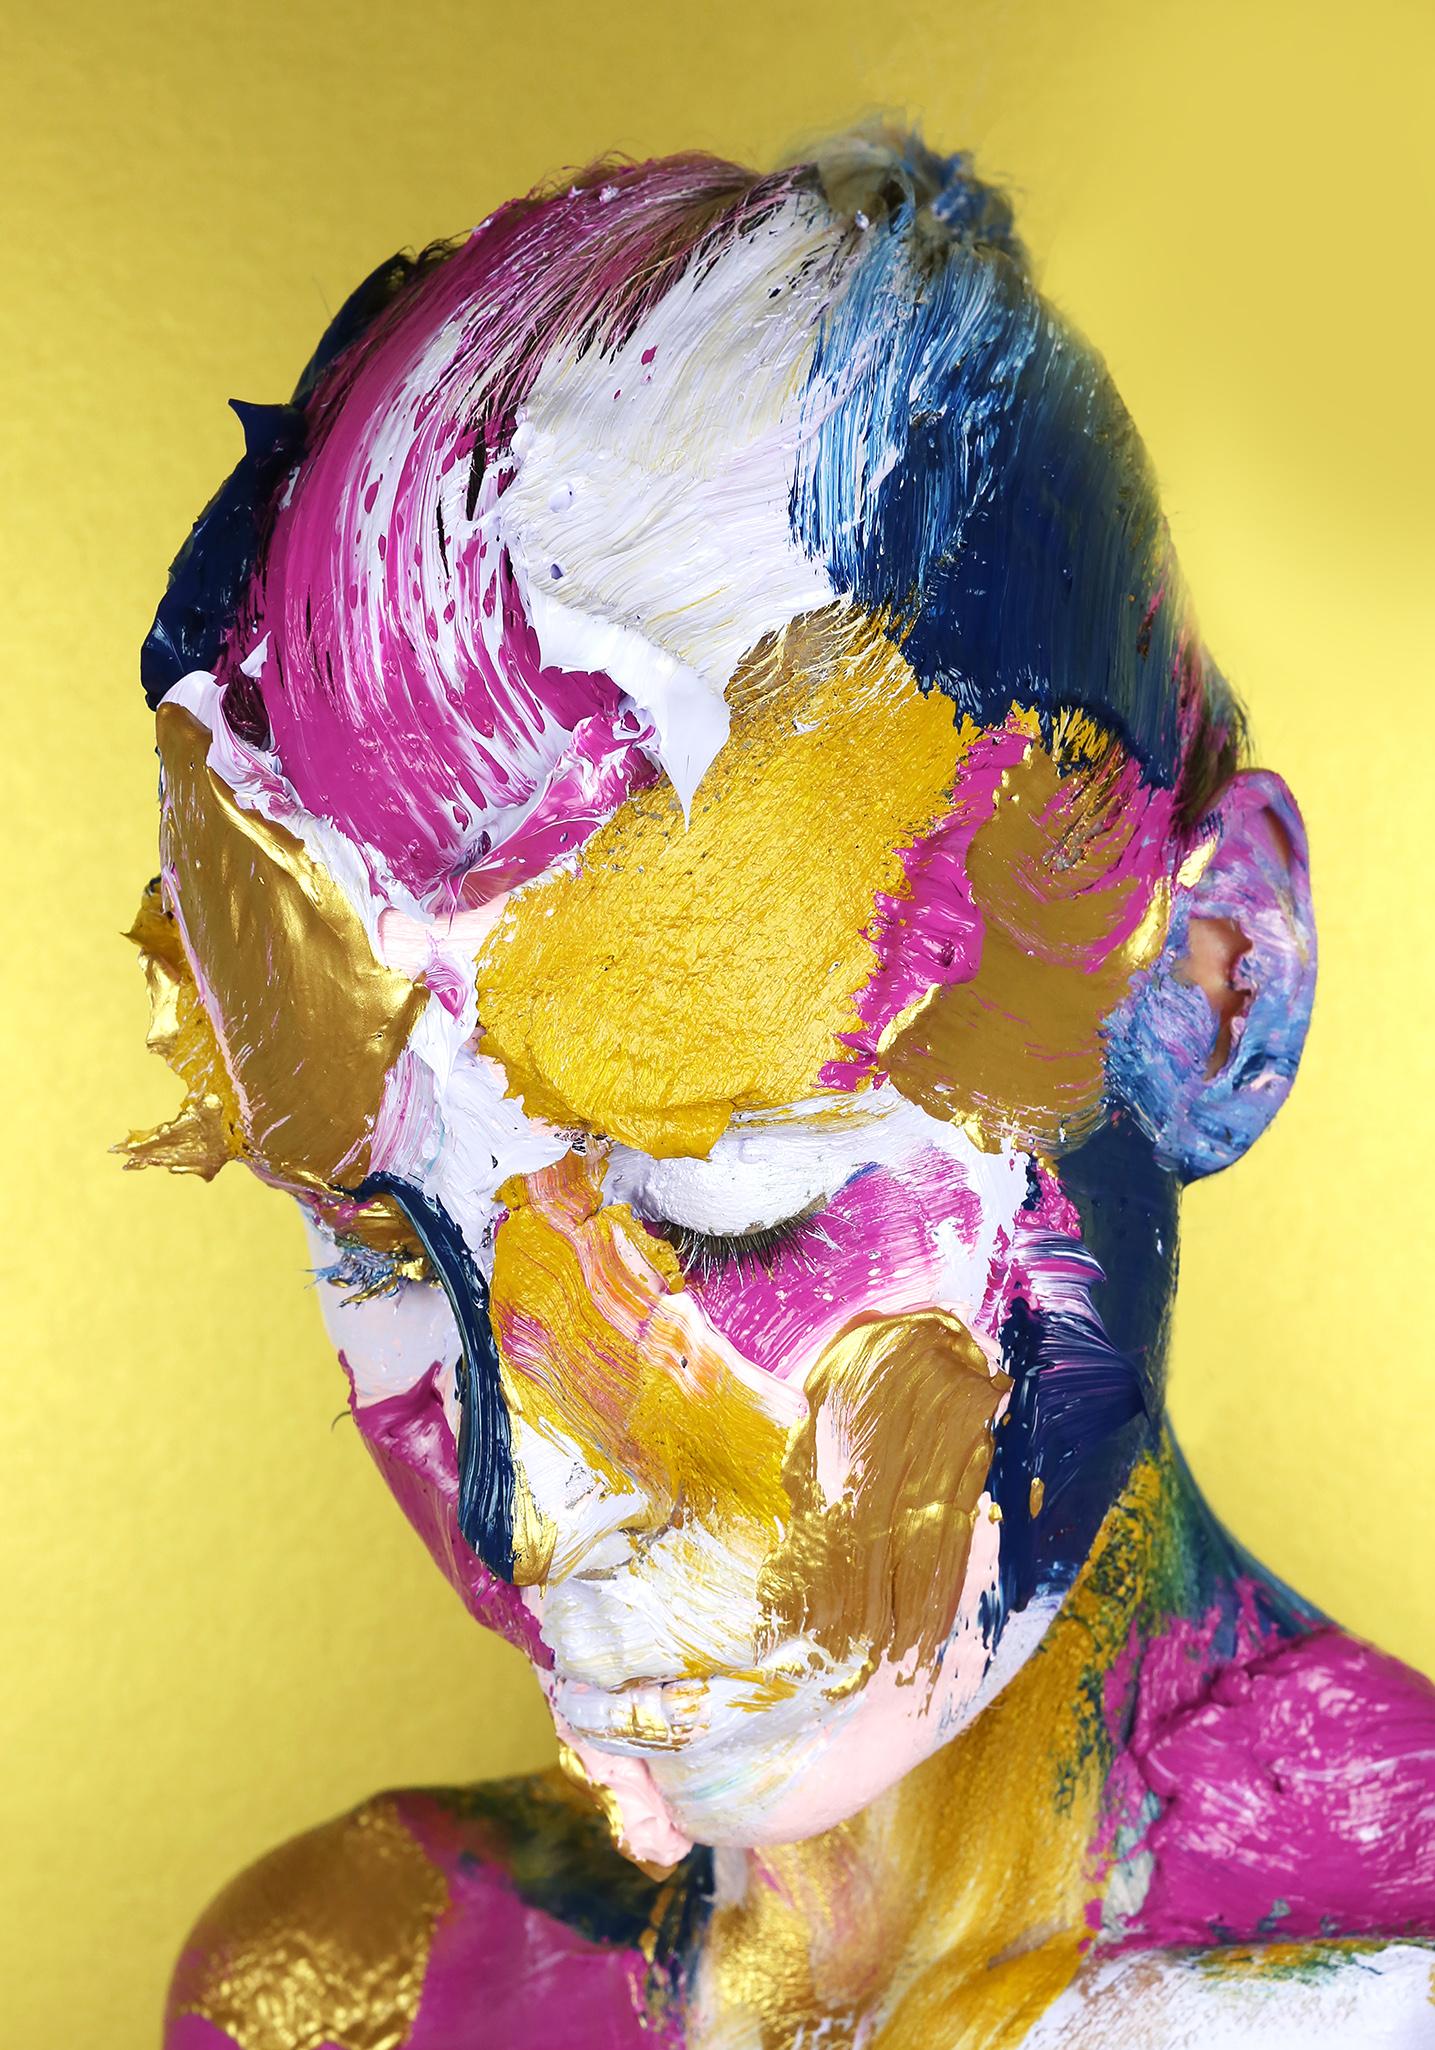 JEWEL - Golden Topaz #5